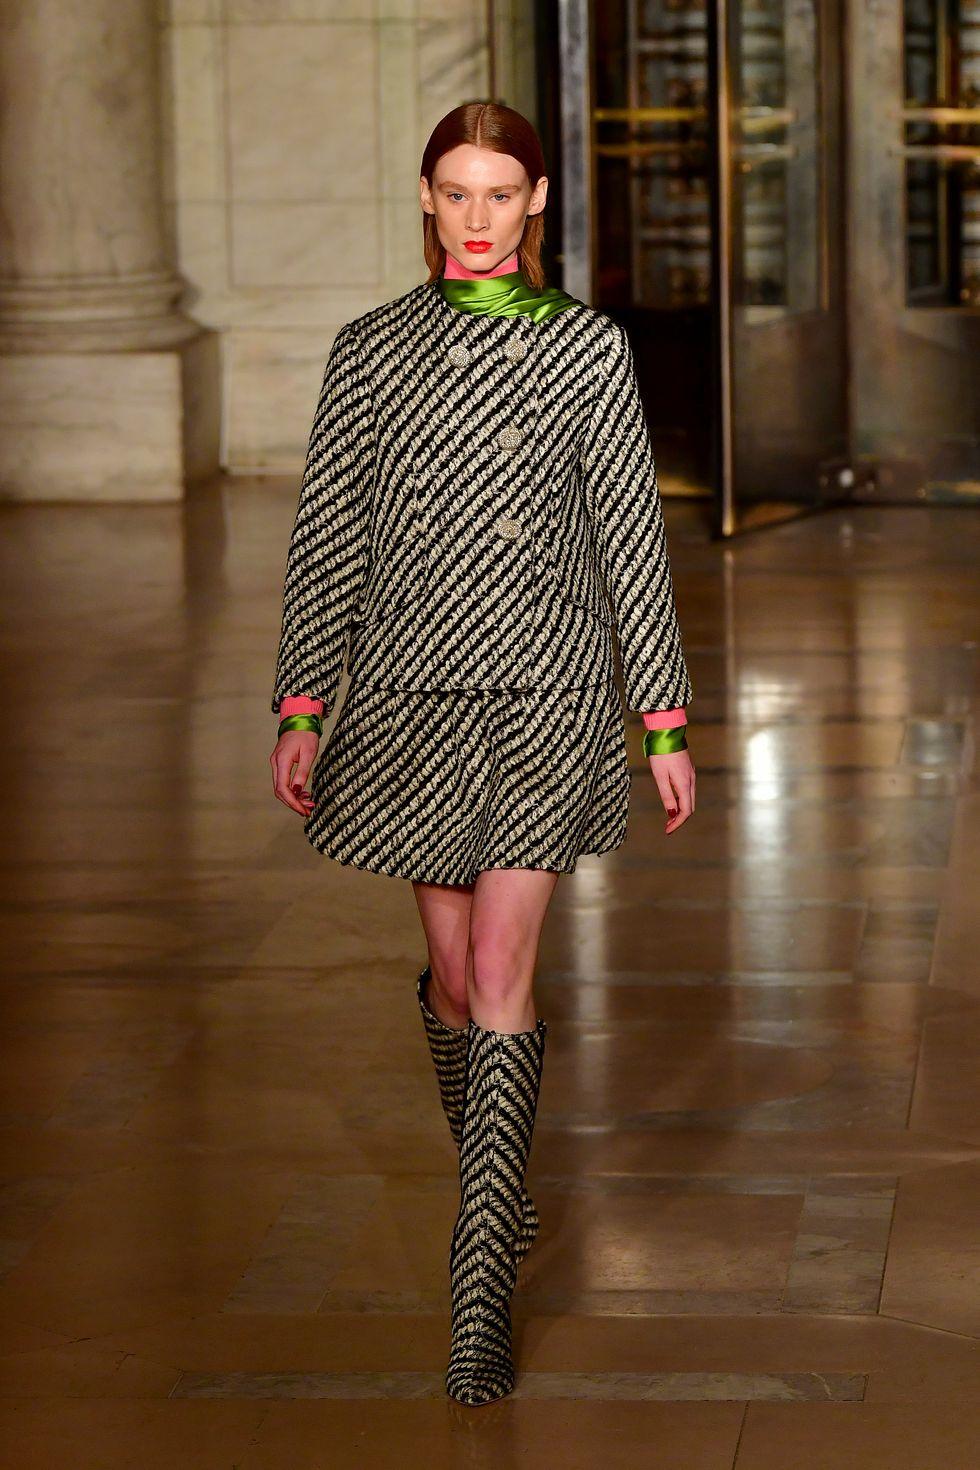 Váy suit: Biểu tượng nữ tính tận cùng của phụ nữ nơi công sở - 1